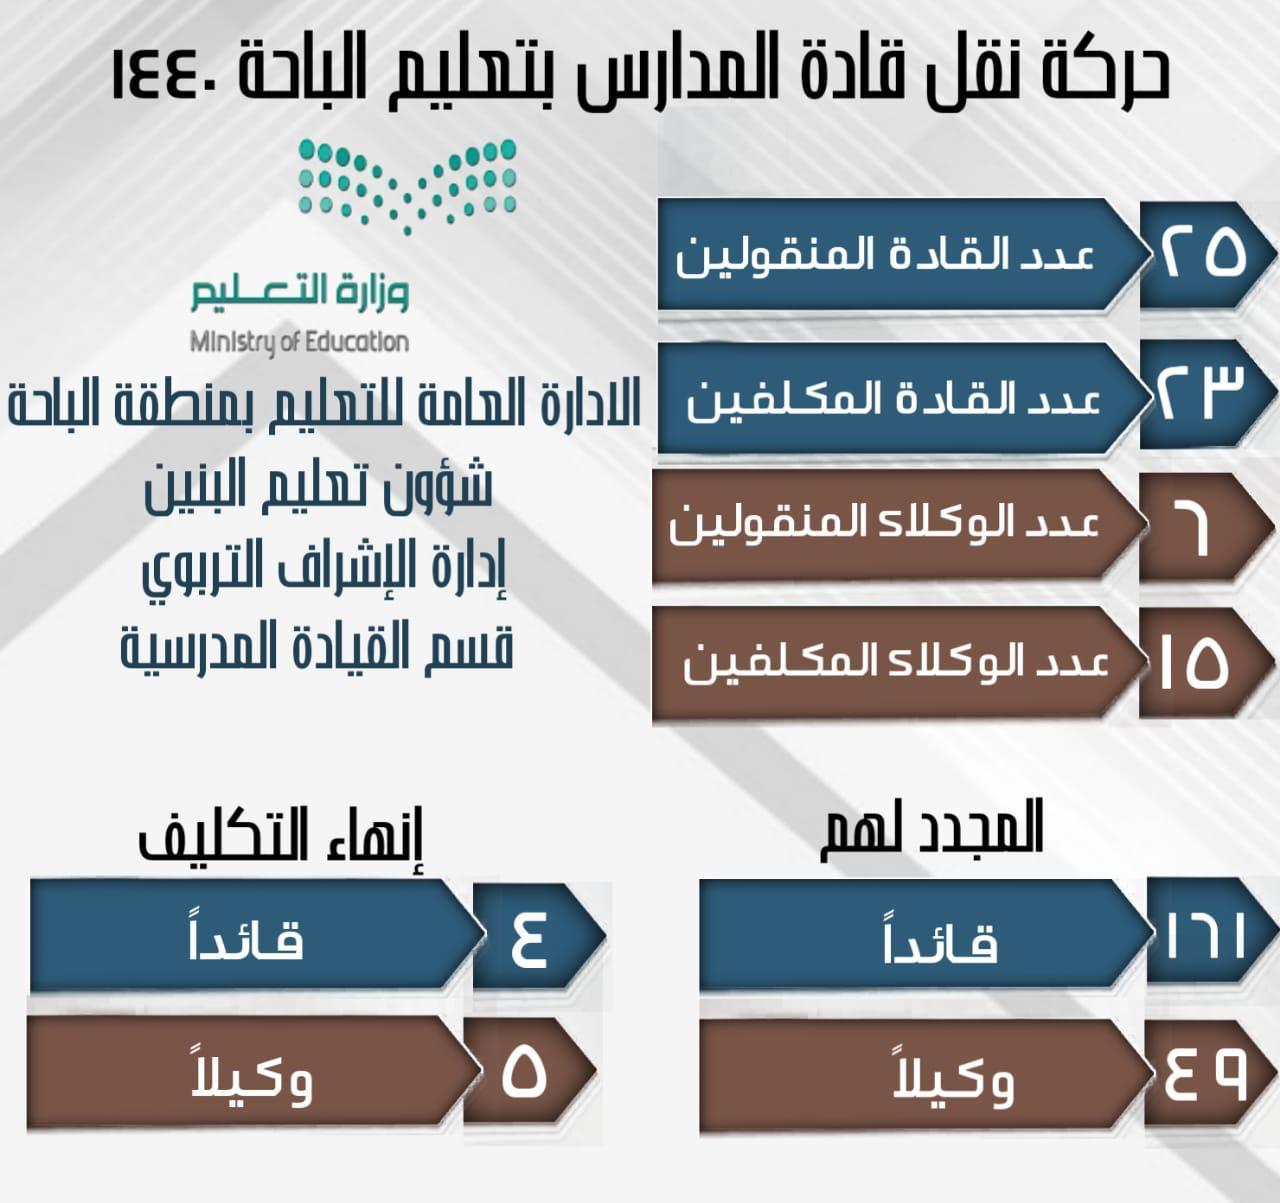 بالأسماء حركة نقل 278 قائدا ووكيلا لمدارس تعليم منطقة الباحة